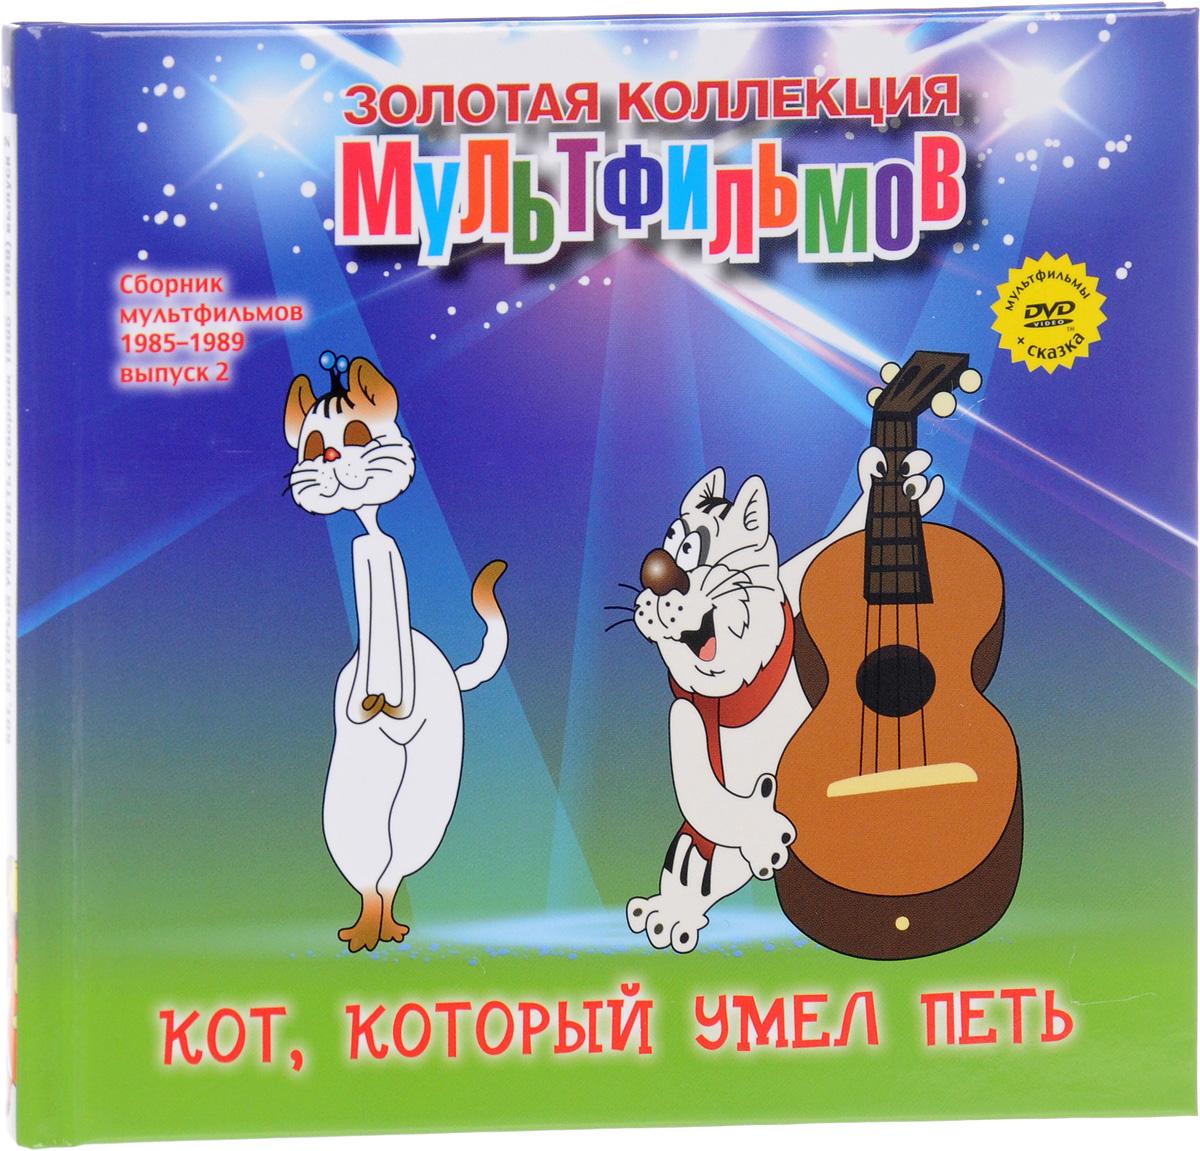 Сборник мультфильмов 1985-1989: Выпуск 2: Кот, который умел петь